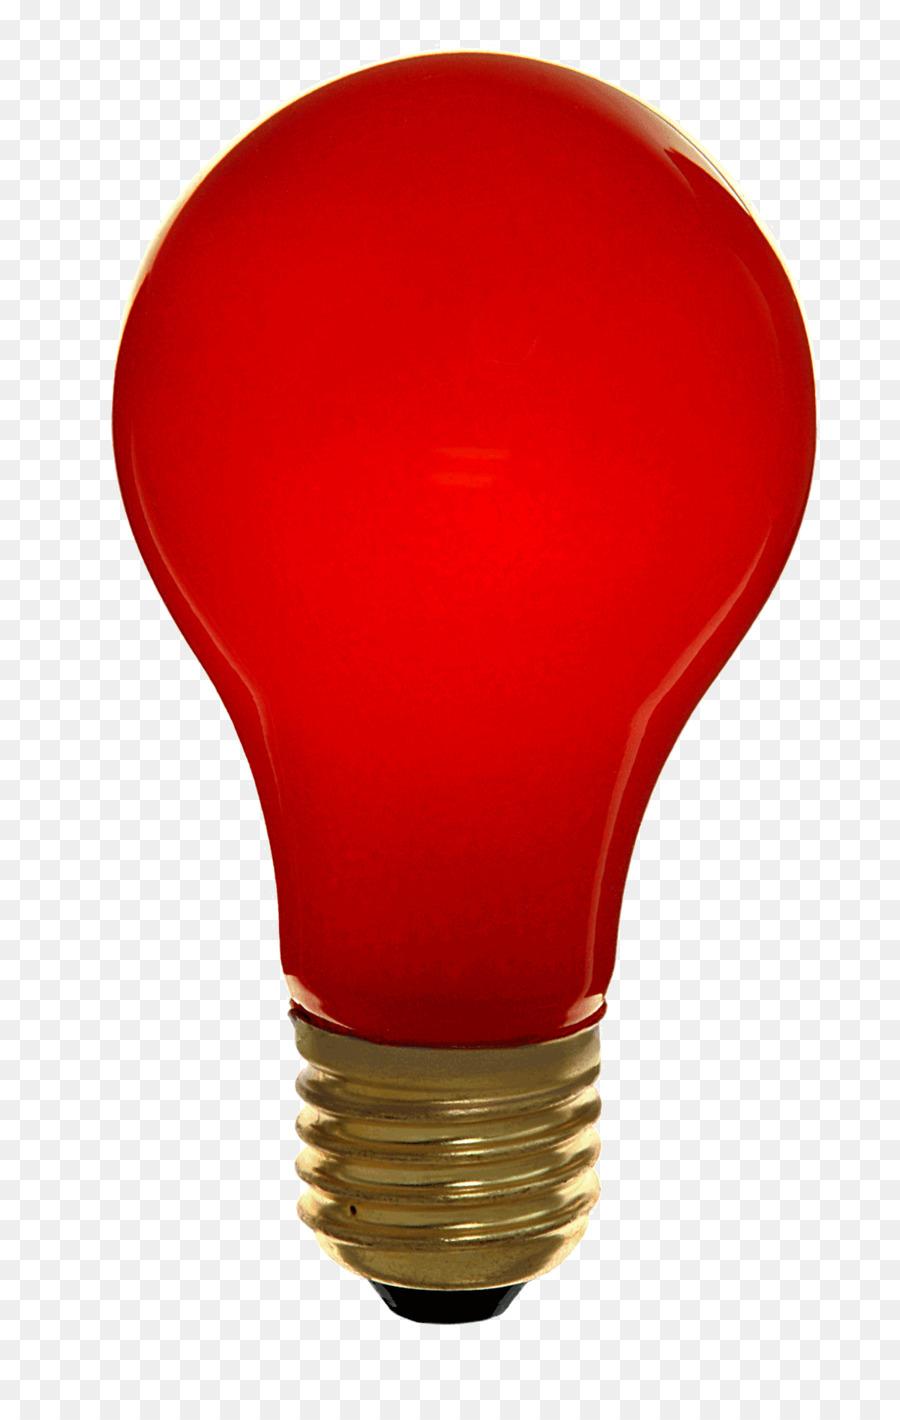 Incandescent Light Bulb Lighting Edison Led Lamp Red